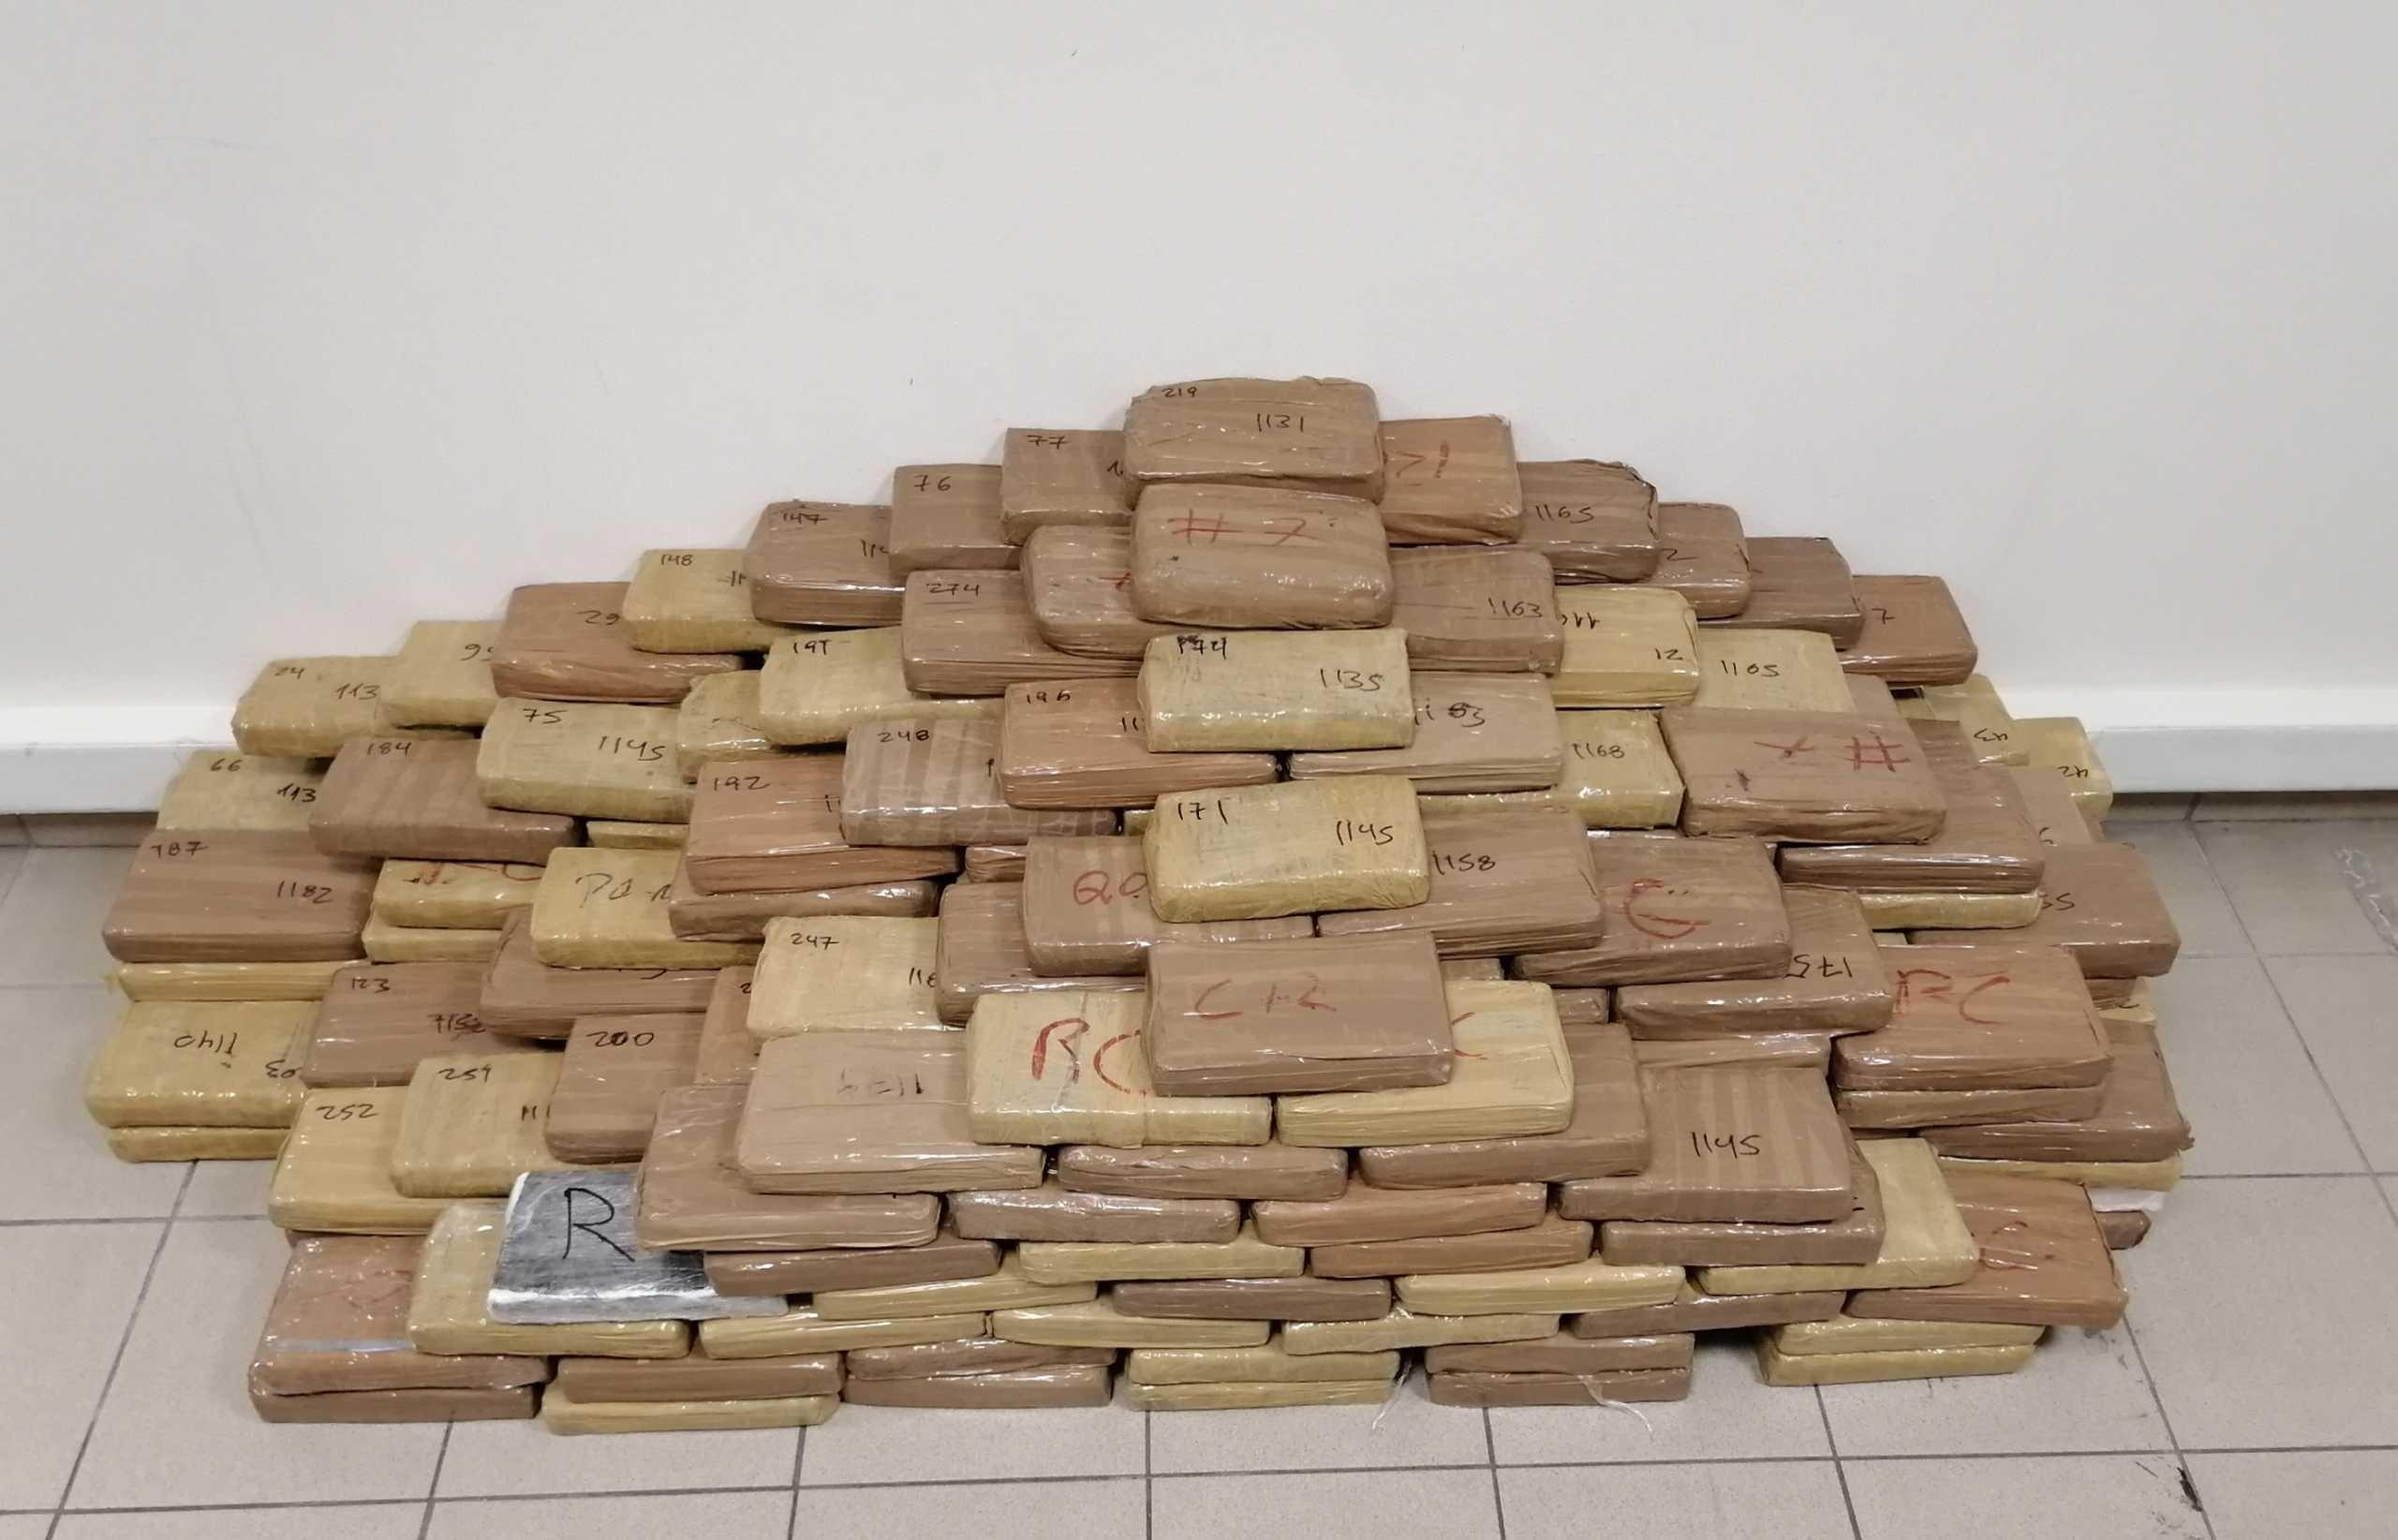 Θεσσαλονίκη: Τους «τσάκωσαν» με 320 κιλά καθαρής κοκαΐνης – Πάνω από 100 εκατ. ευρώ η αξία της (pics)